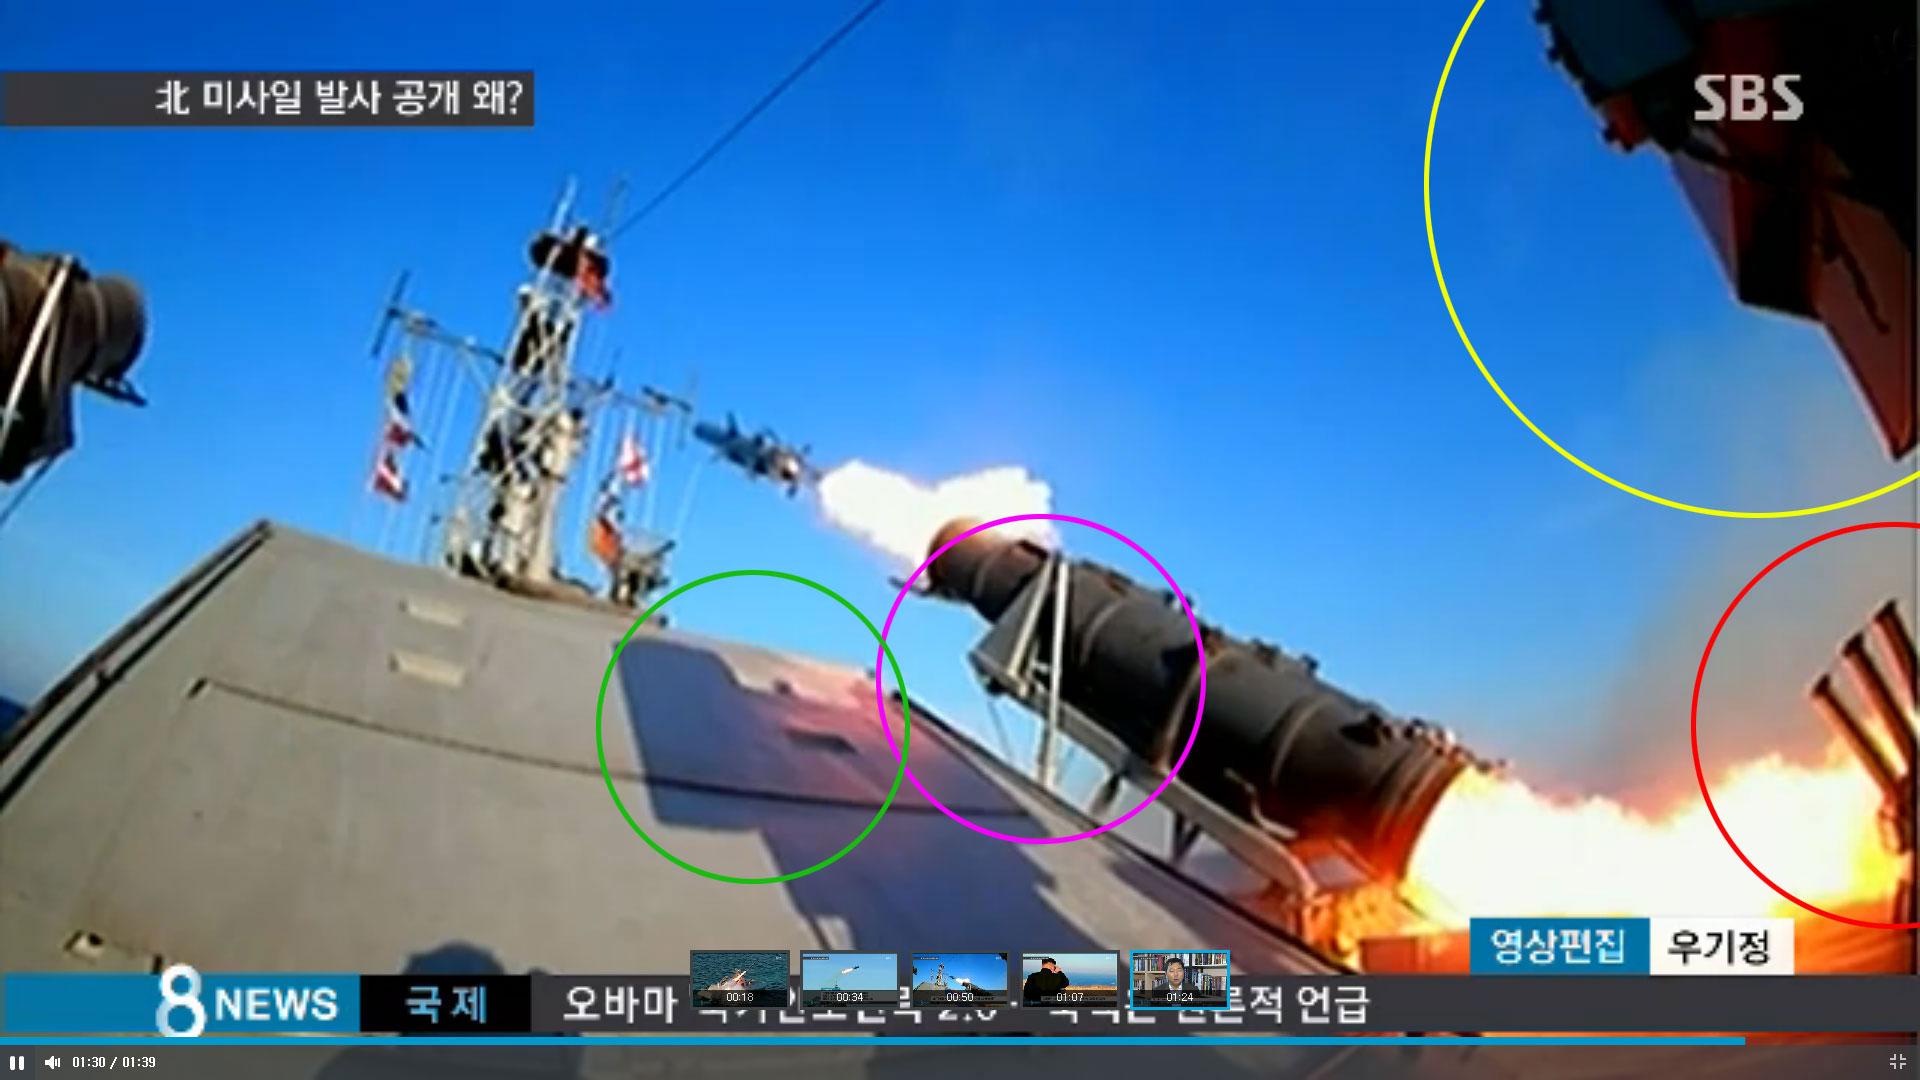 북한 해삼급 스텔스 고속정